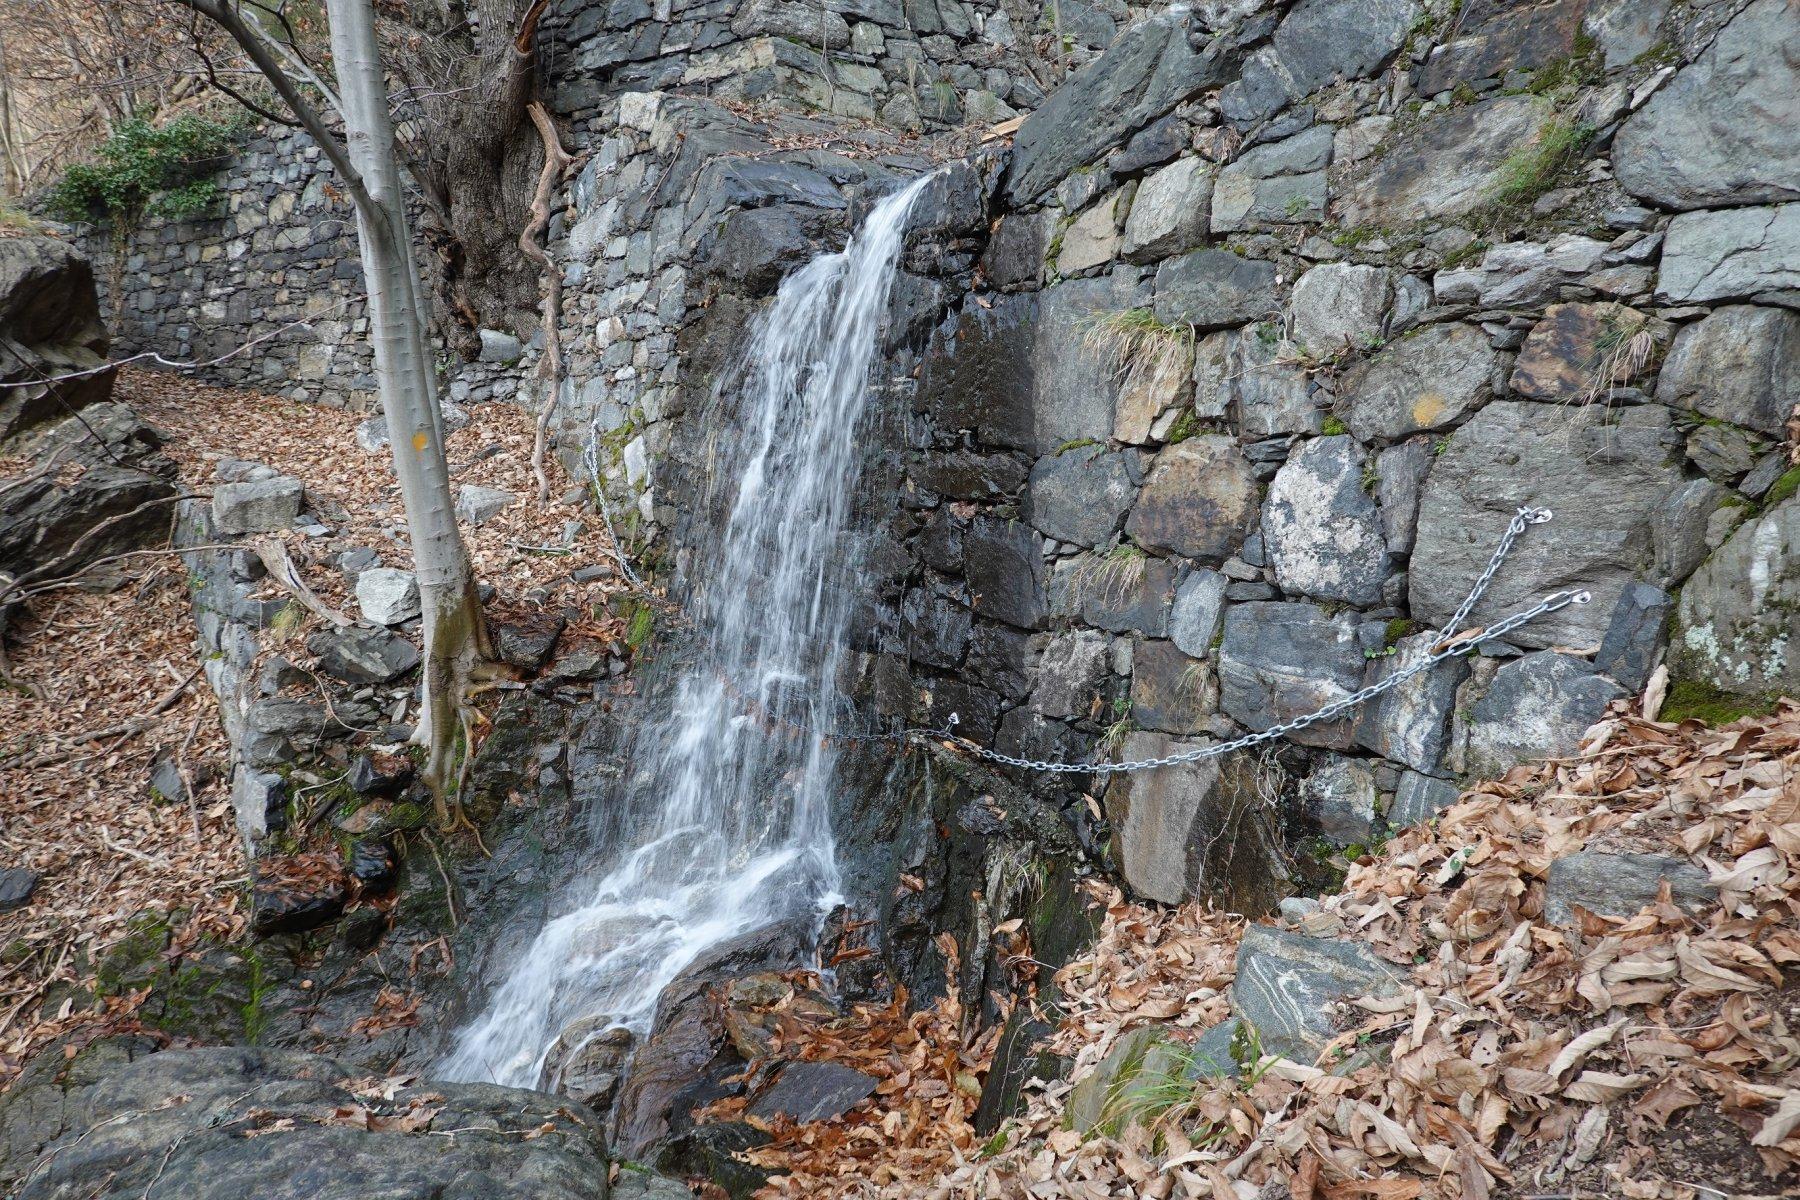 La catena alla cascata, ma ahimé oggi troppa acqua